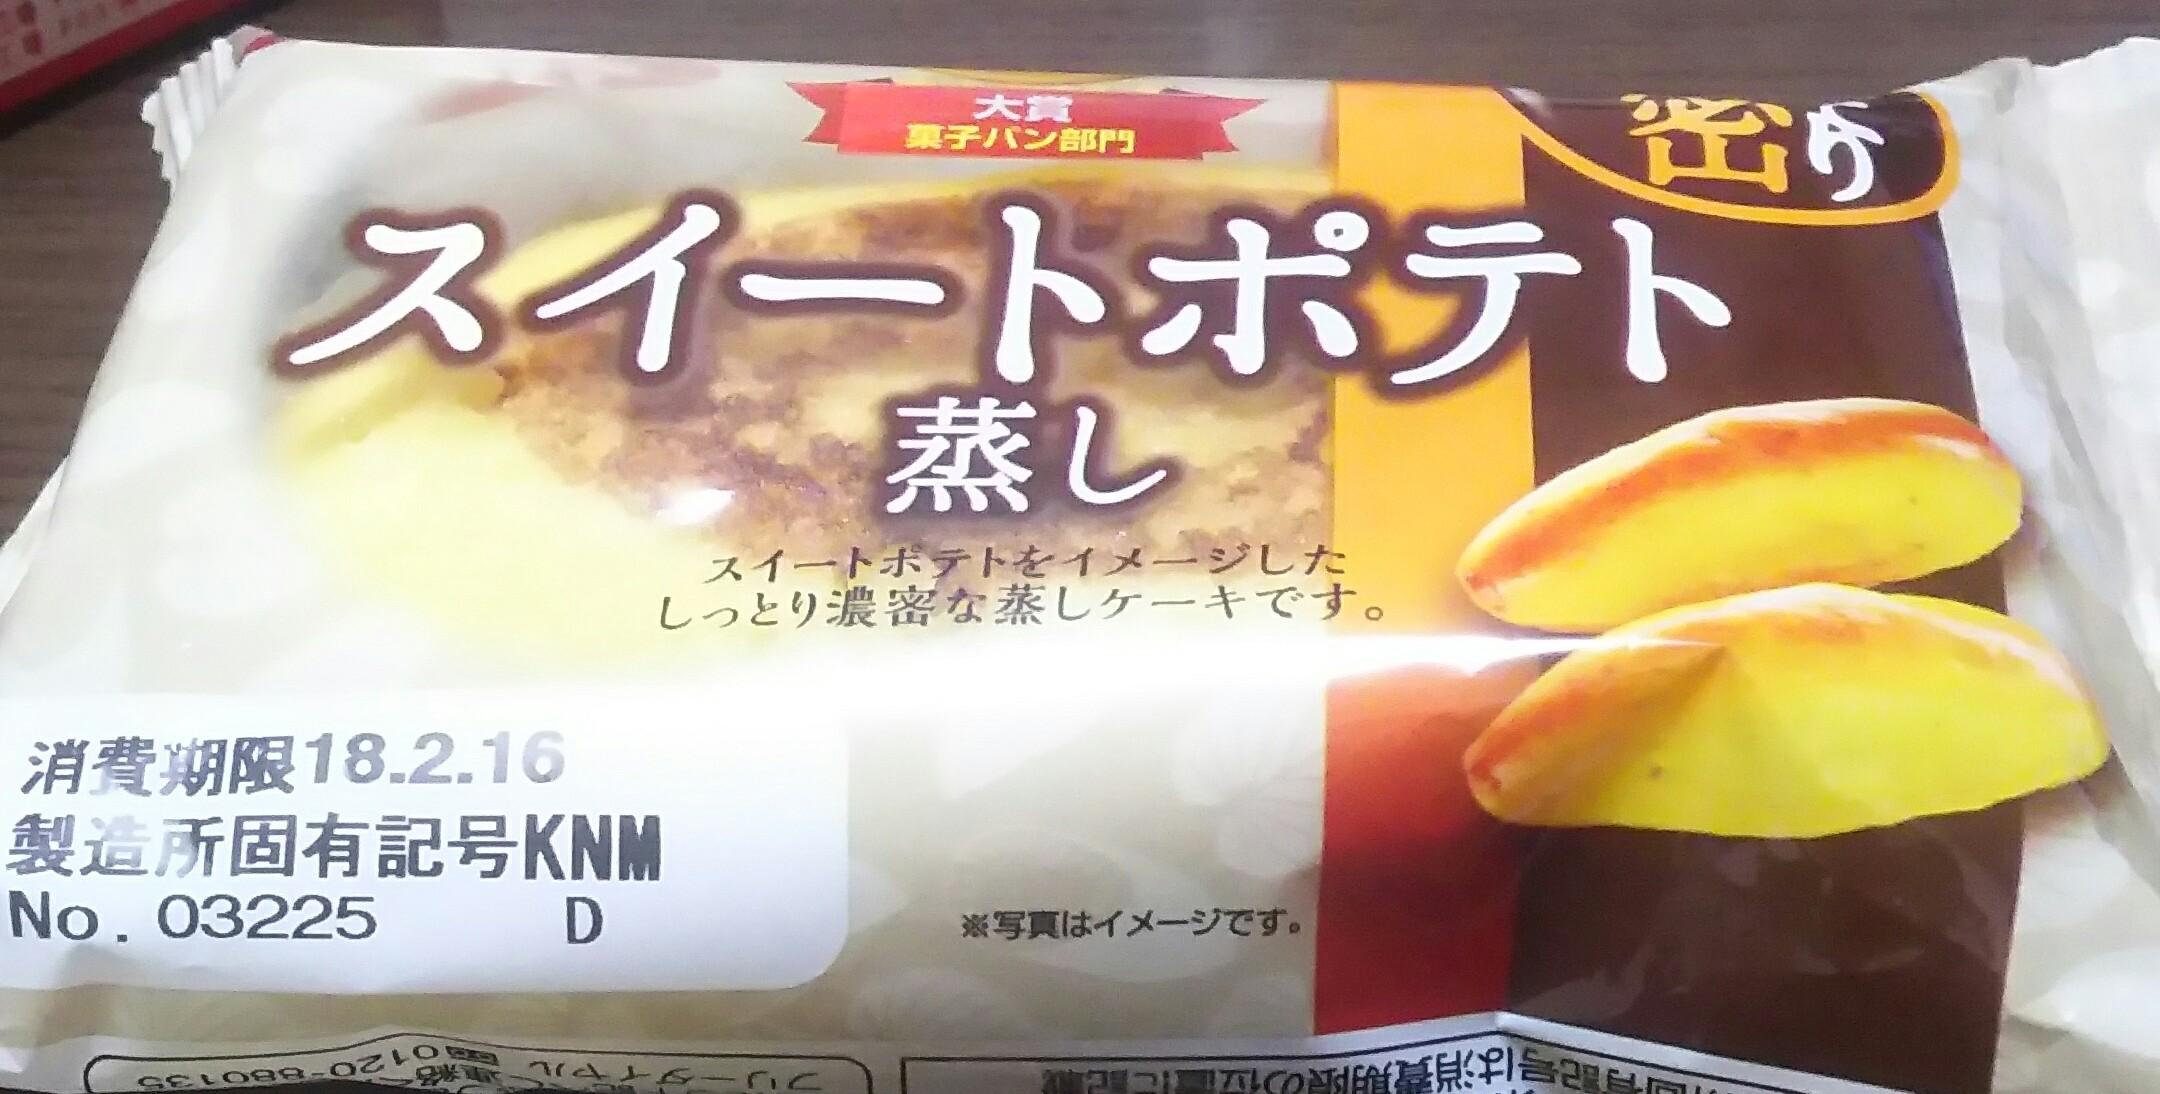 スイートポテト蒸し(第一パン)感想・レビュー